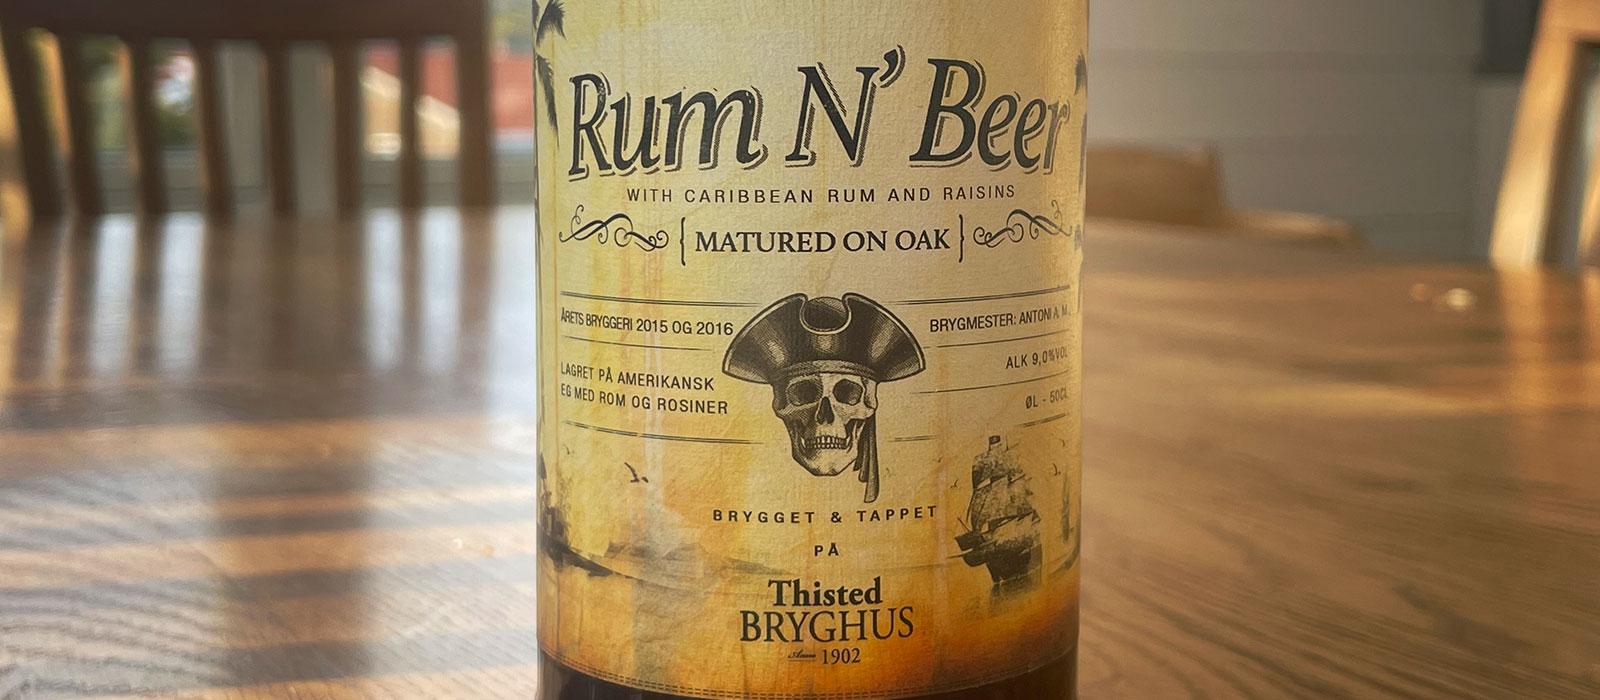 Rum N' Beer Thisted Bryghus